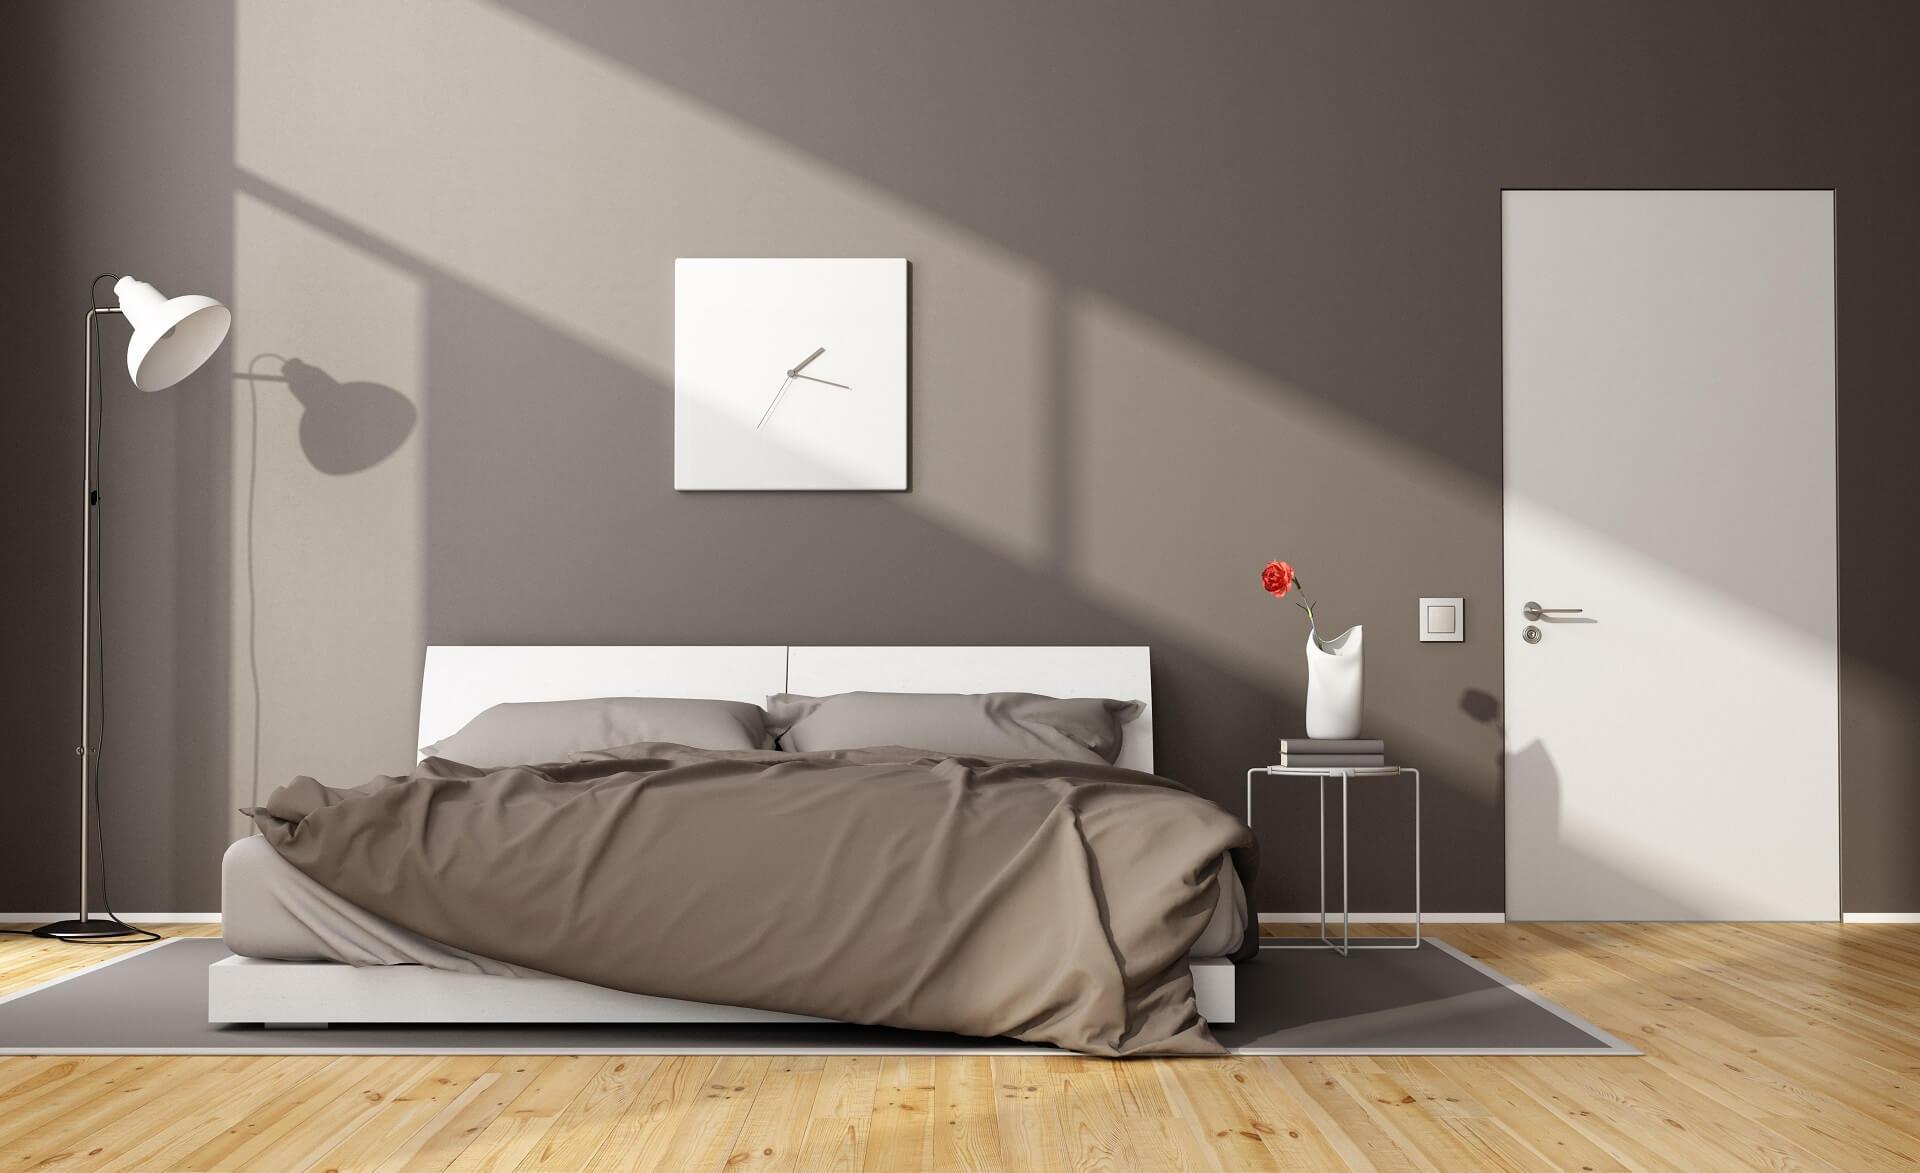 Porta per la camera da letto: materiali, colori, design e idee d'arredo